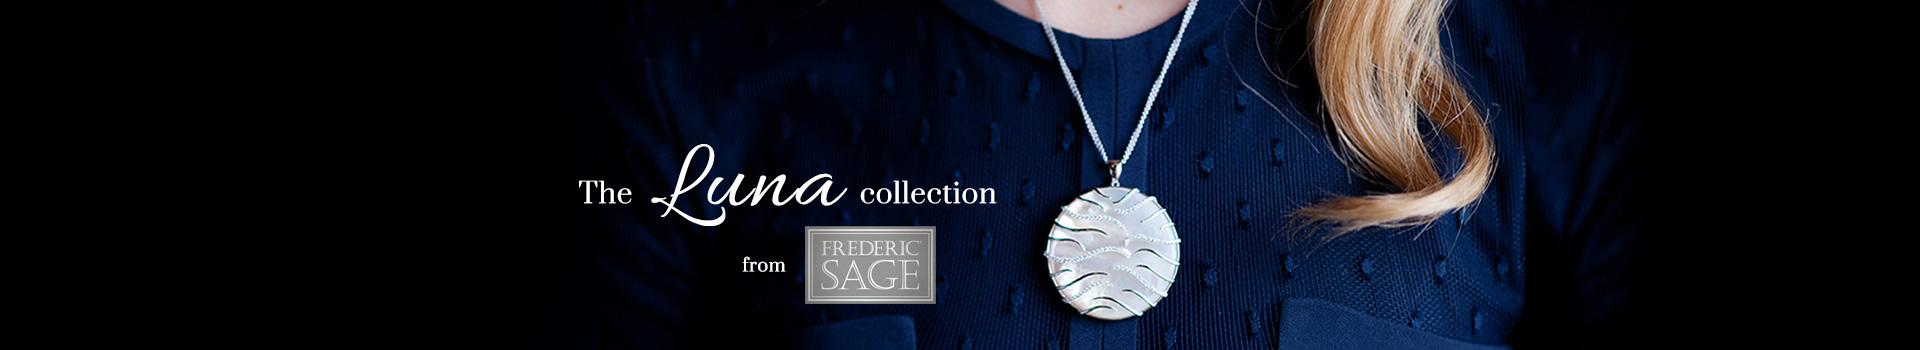 Collections_Slider_Sage_luna1